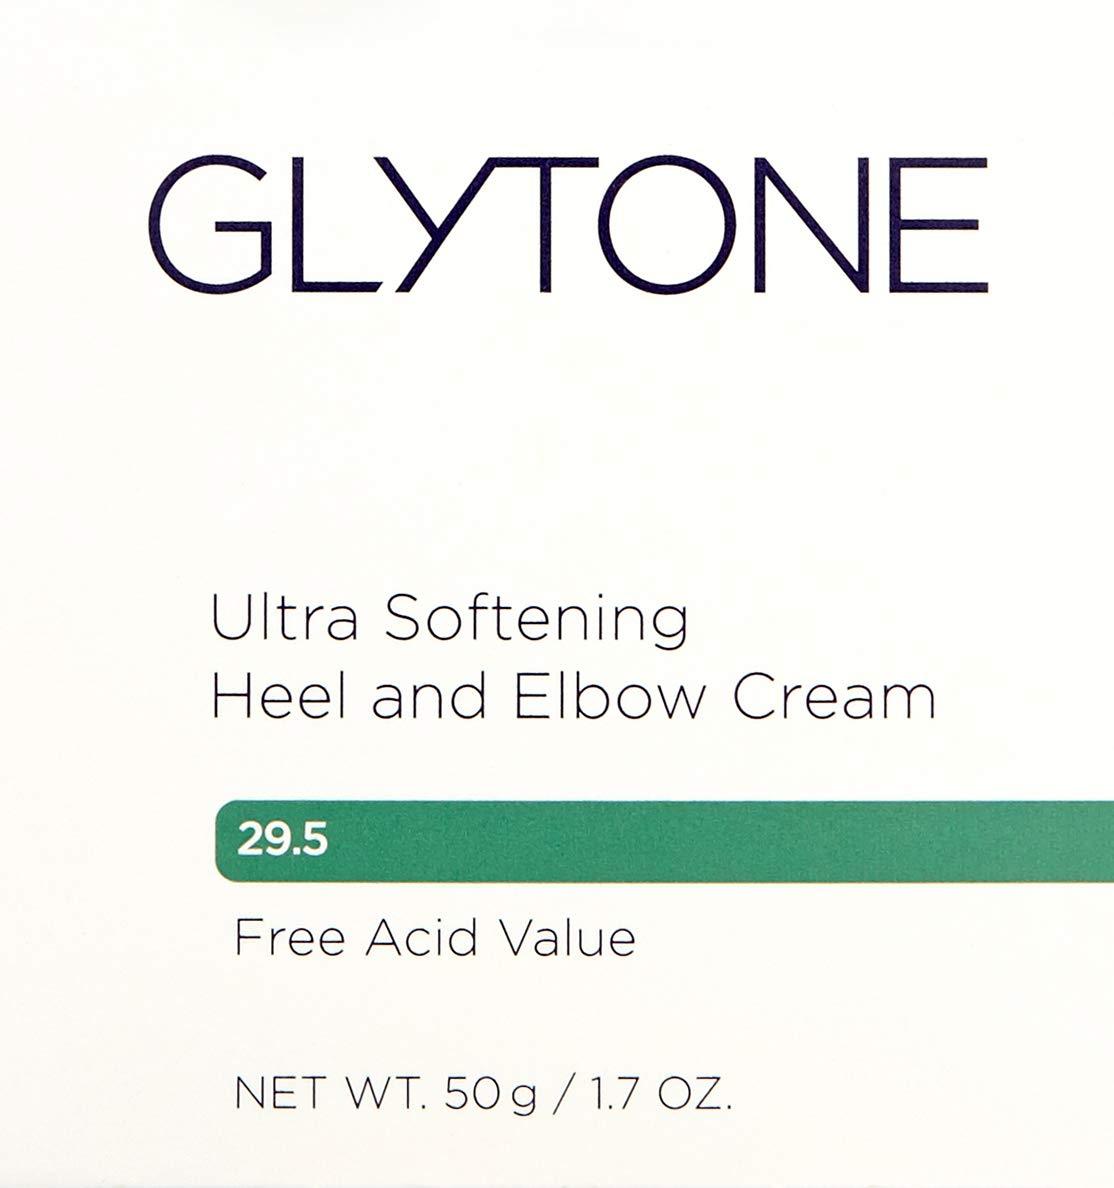 Glytone Ultra Softening Heel and Elbow Cream with Glycolic Acid Glycerin, Exfoliate, Retexturize, Moisturize, Fragrance-Free, 1.7 oz.